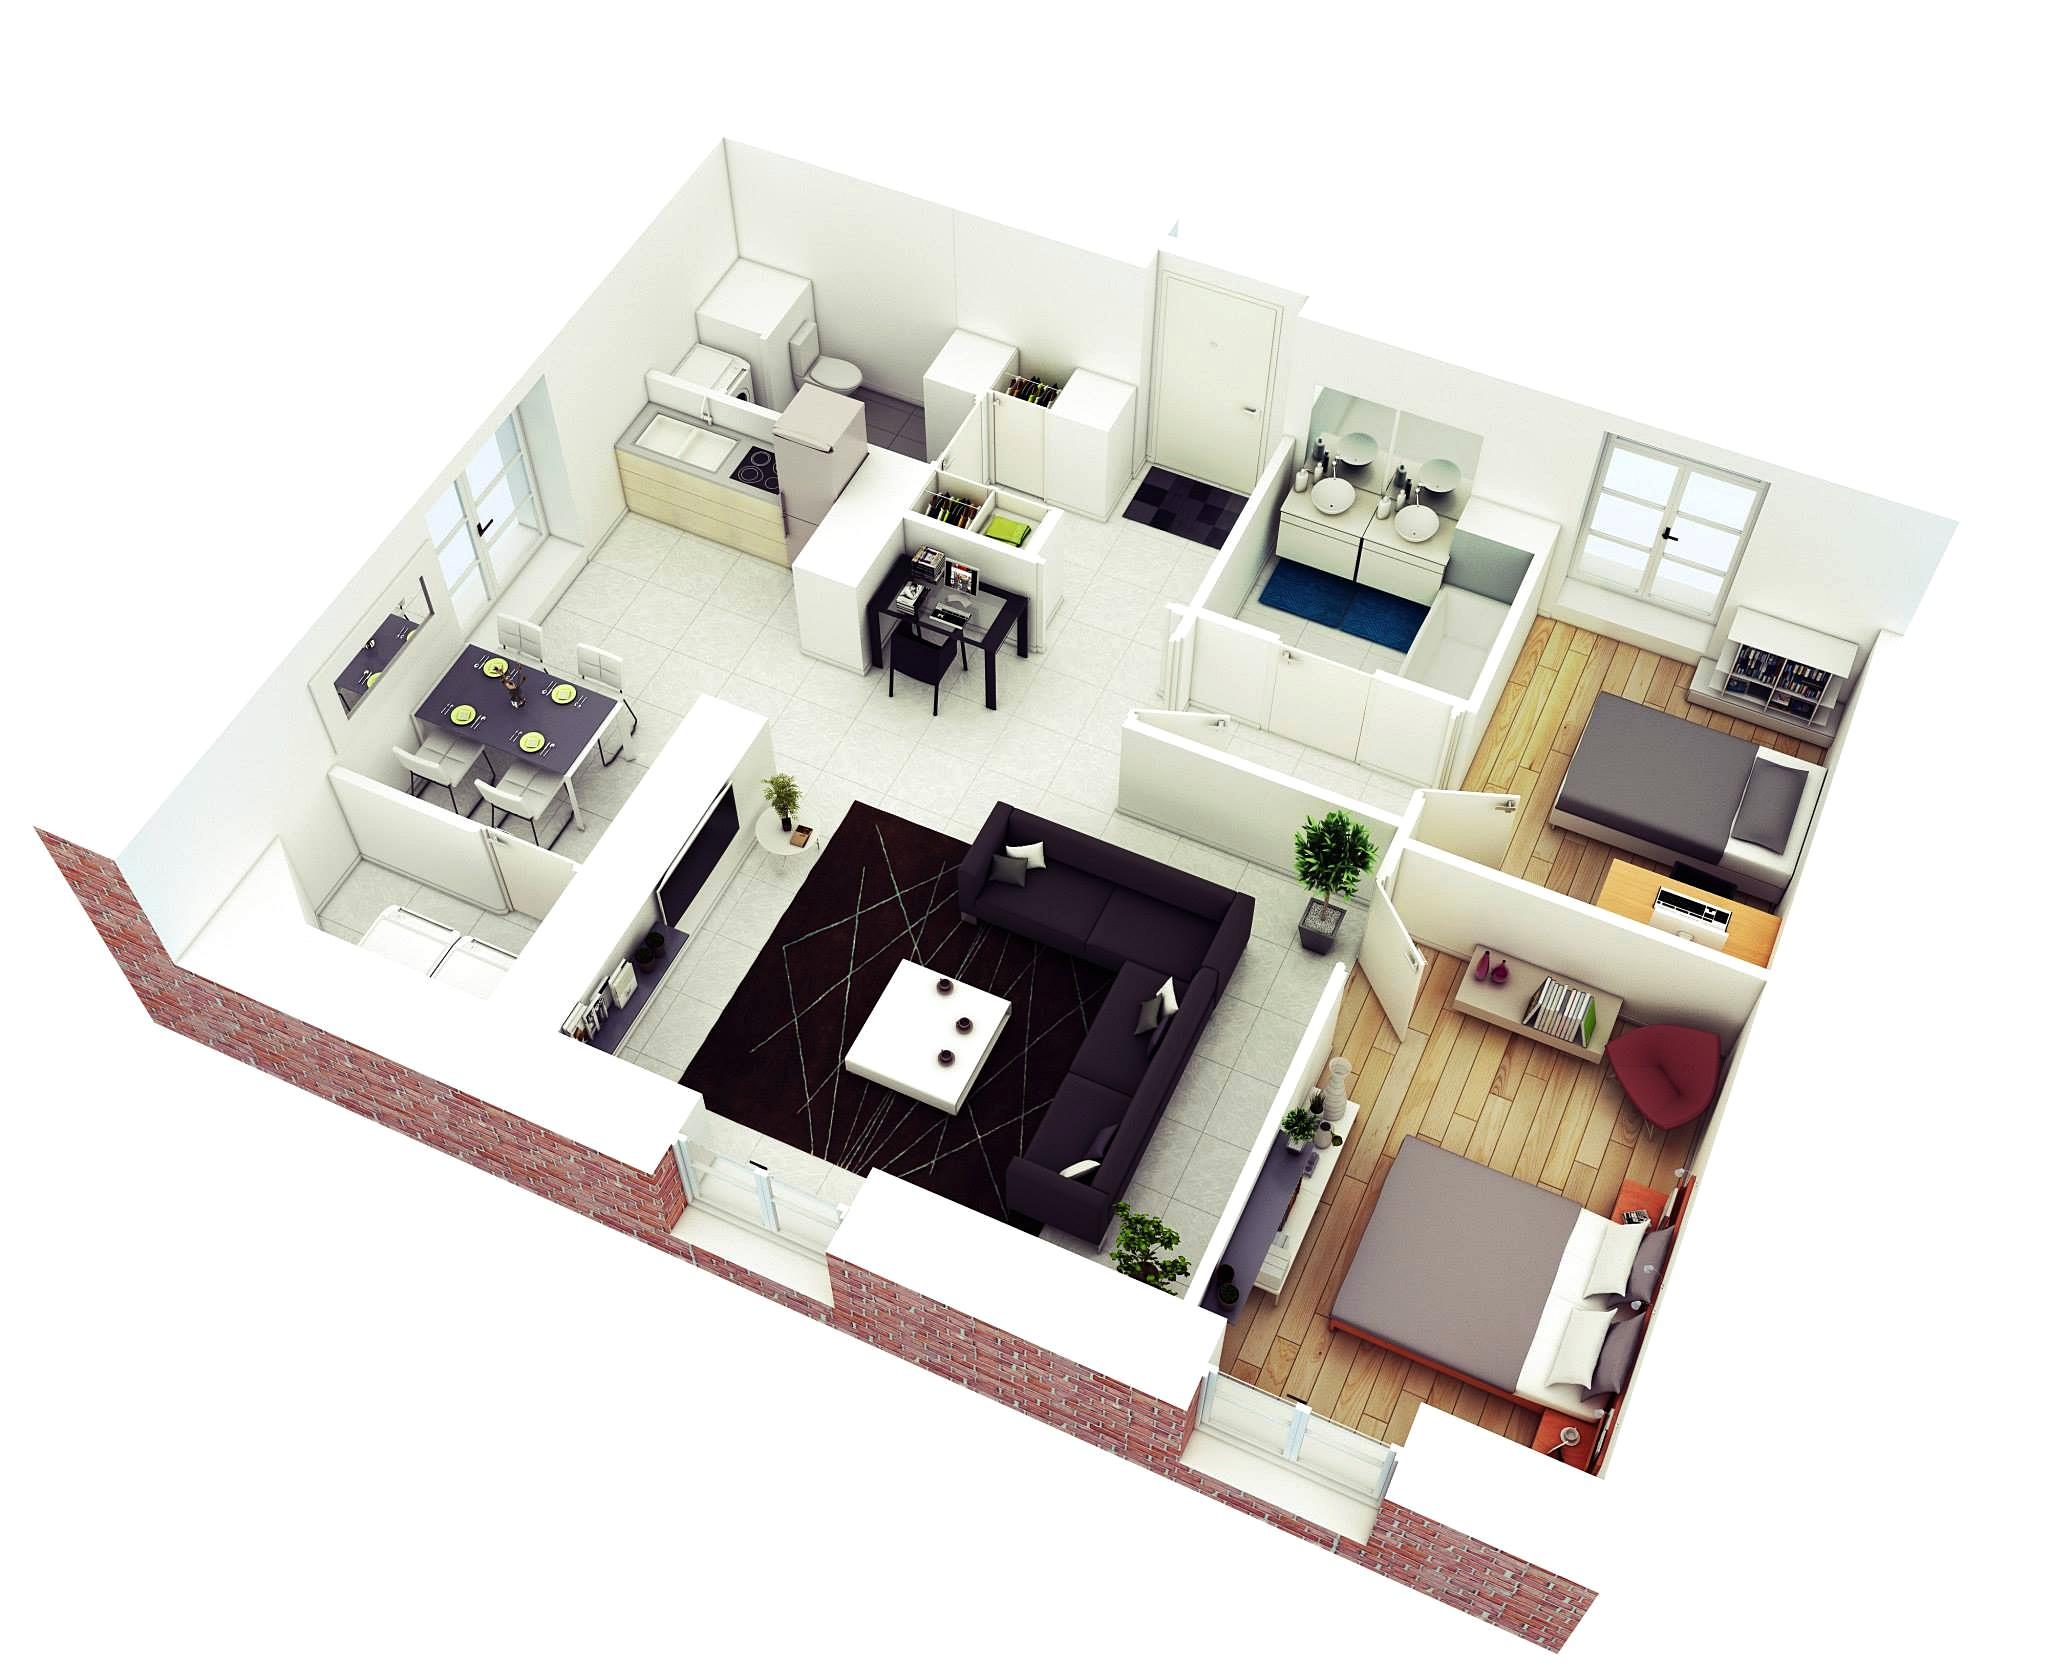 15 denah rumah minimalis 2 kamar tidur 3d 2019 terbaru | dekor rumah